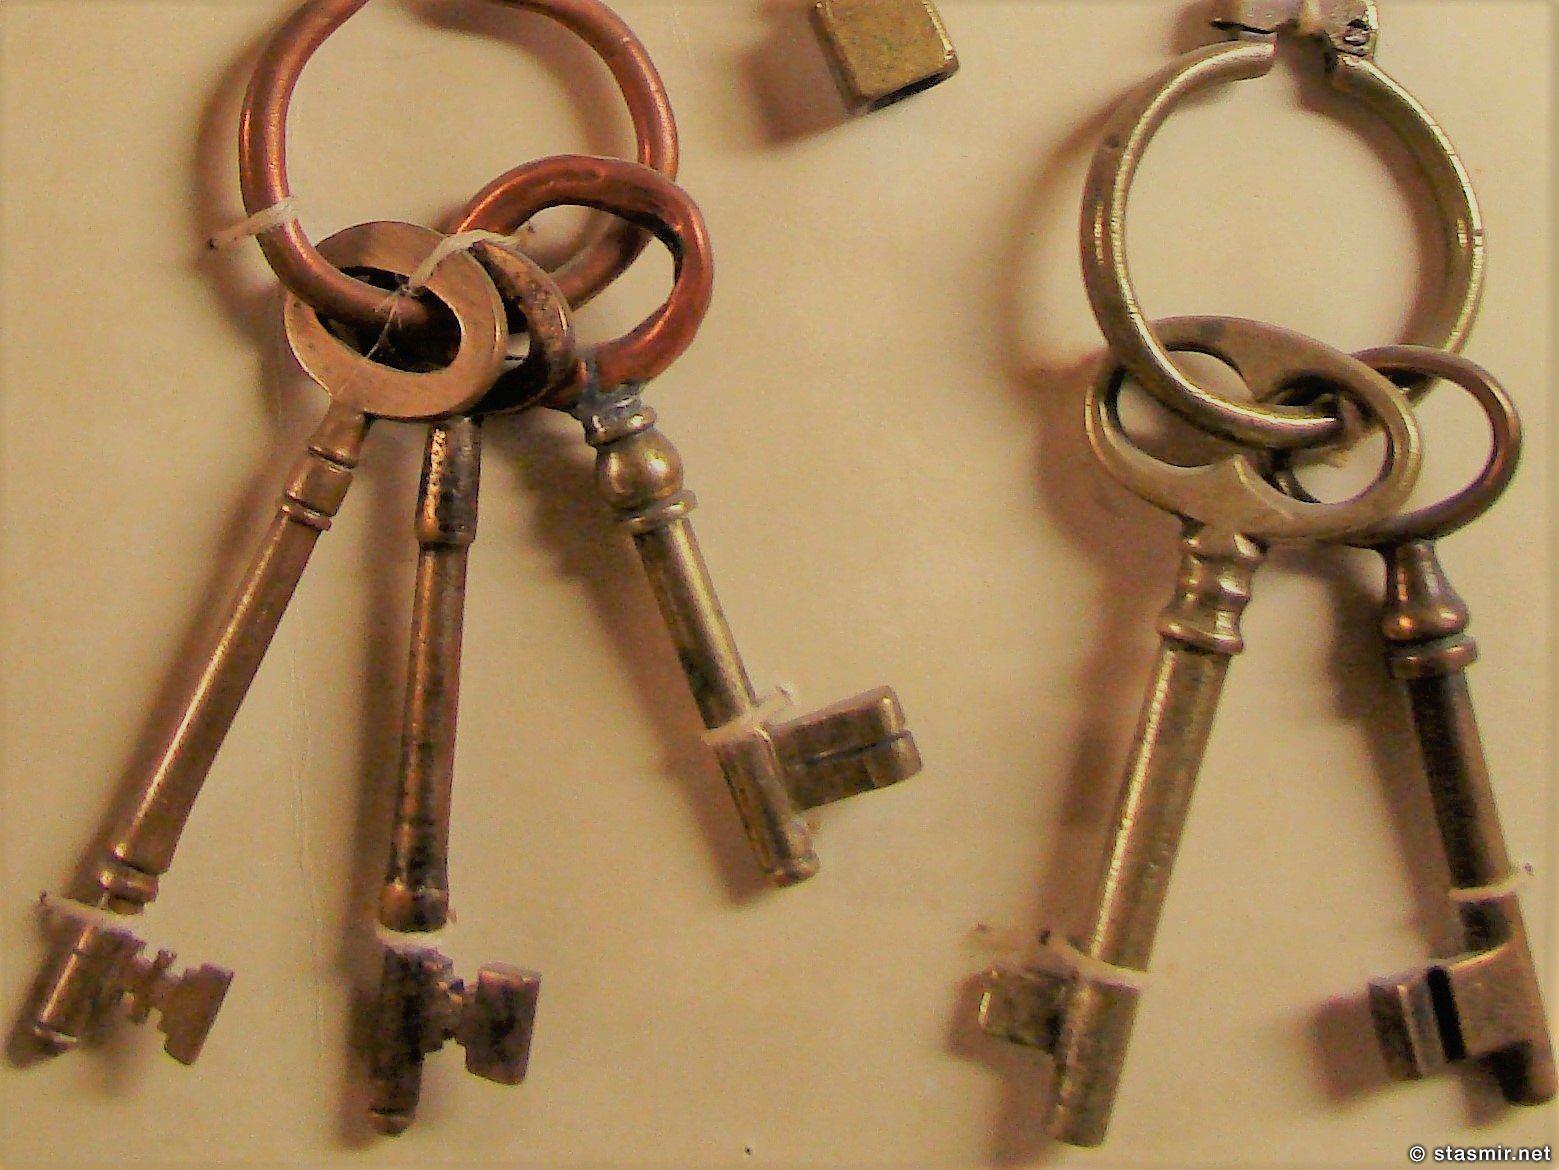 """Она сказала """"Возьми с собой ключи от моих дверей"""" - коллекция старых ключей в музее Скоугар, фото Стасмир, photo Stasmir"""